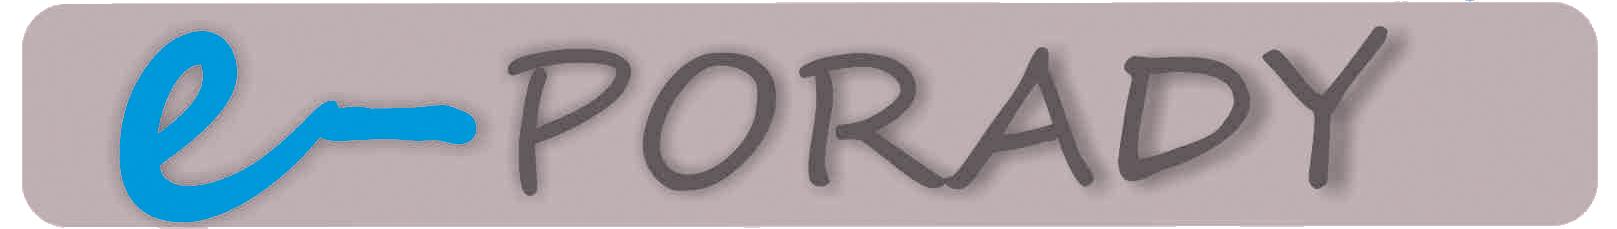 E-Porady